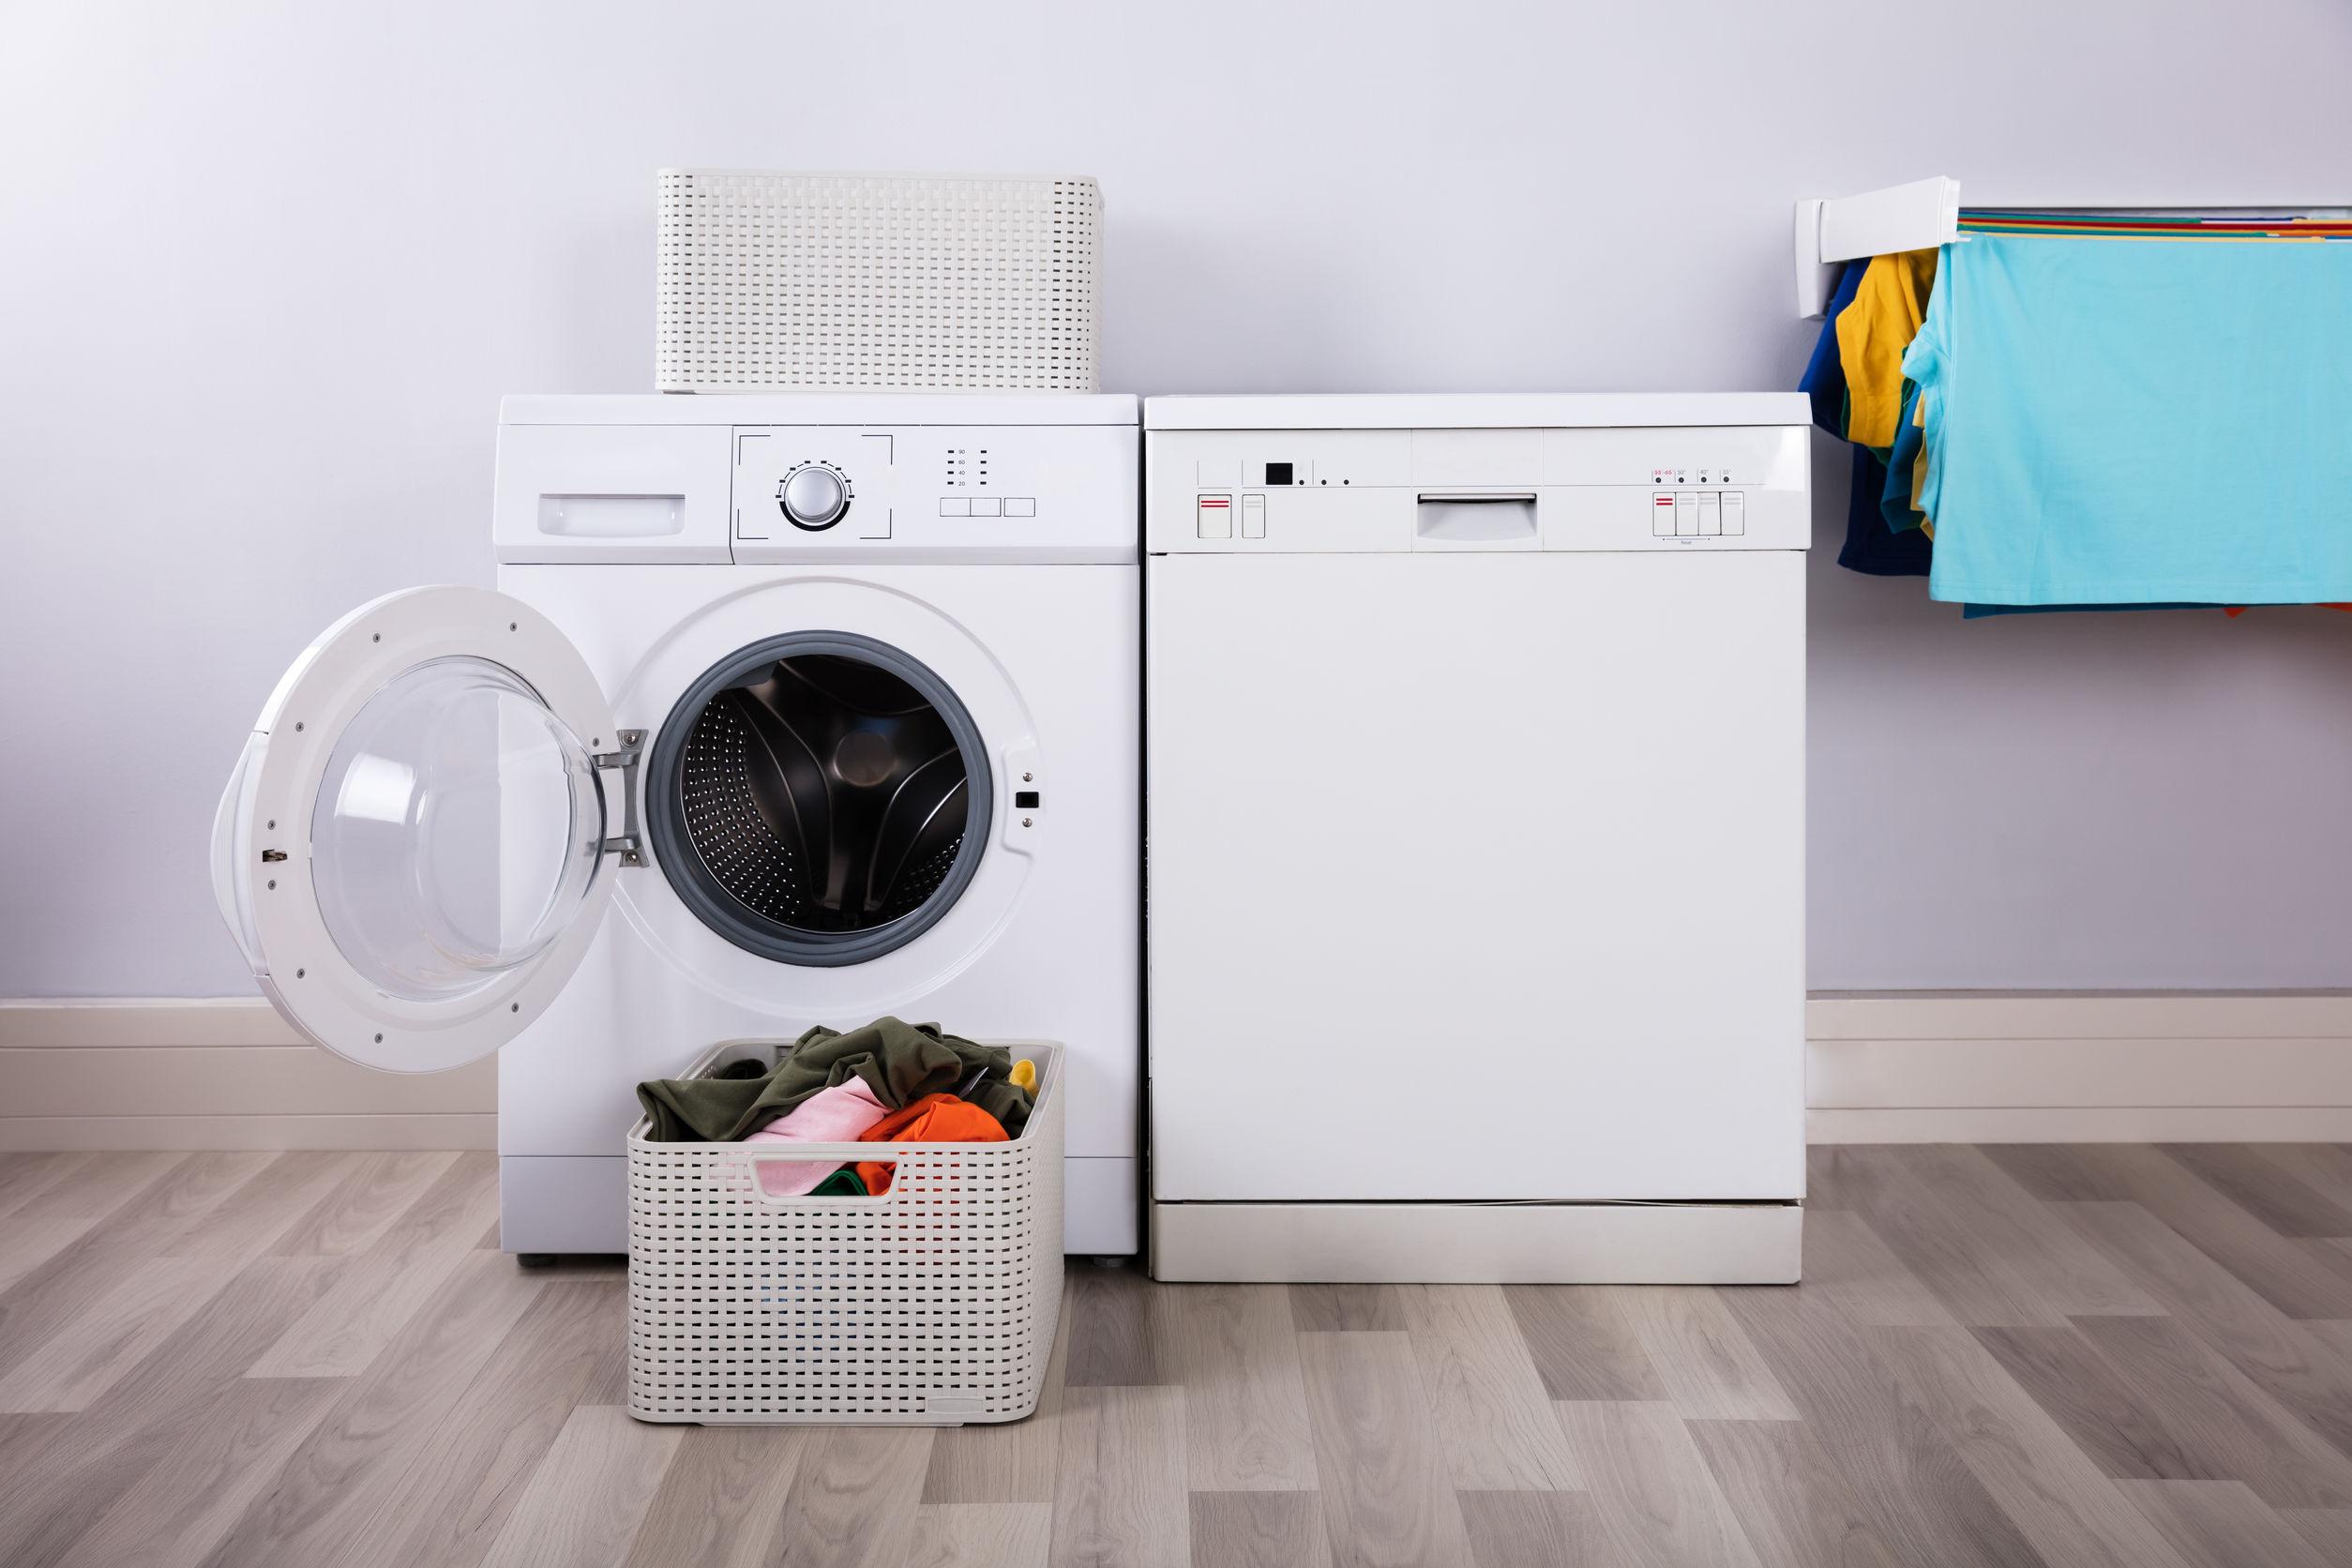 Centrífuga de roupas: Como escolher a melhor para sua lavanderia em 2020